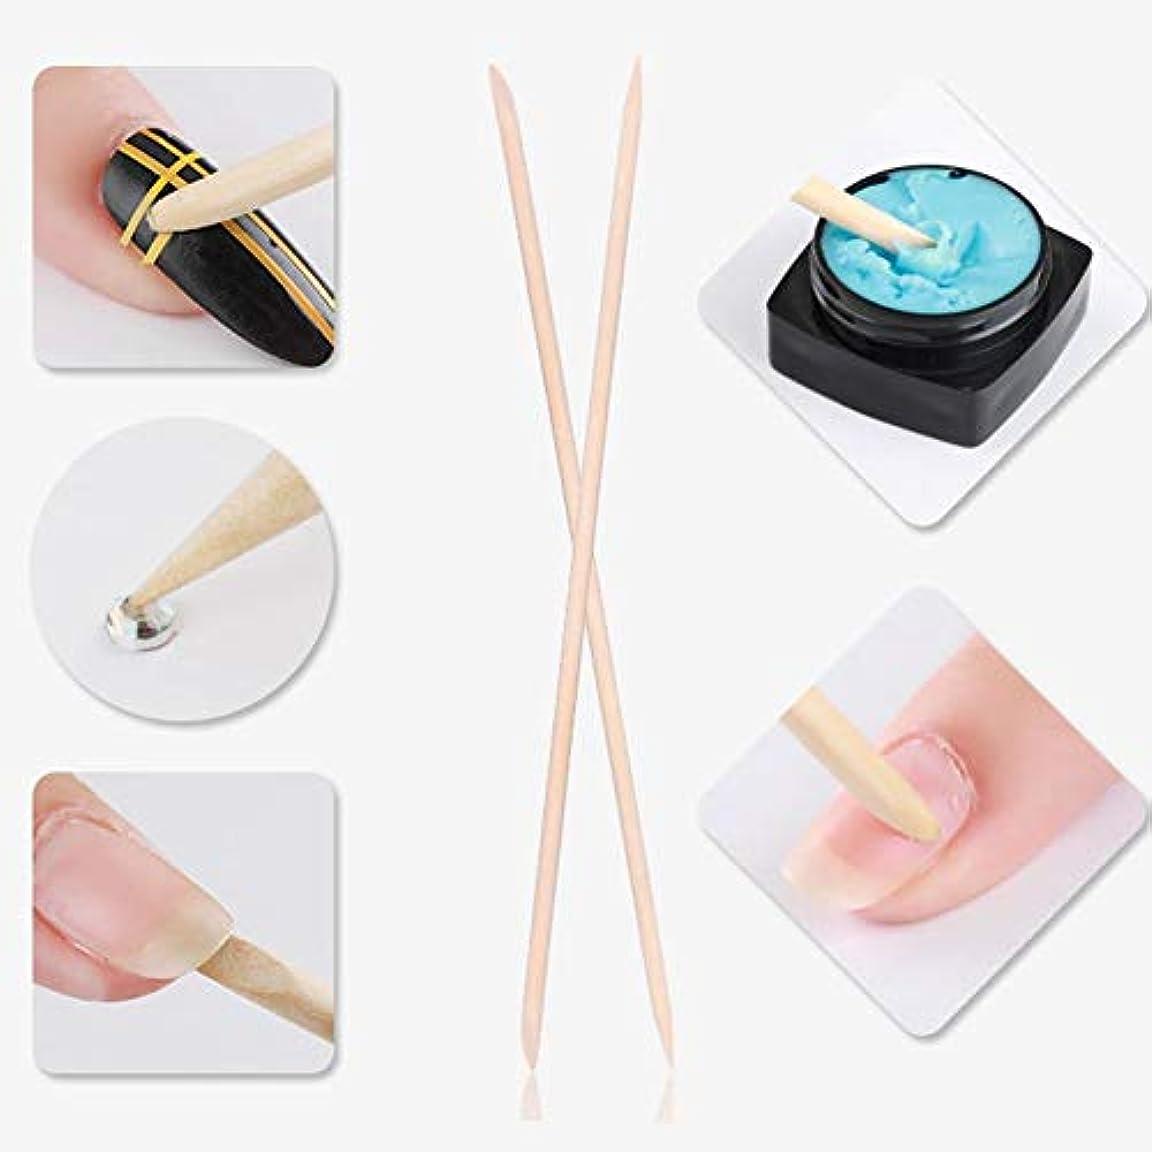 トピック十分ではない苗マニキュアペディキュア ネイルアートペイントパターン用 5本 ネイルキューティクルは木製スティック、ネイルキューティクルプッシャーを取り外します(1)